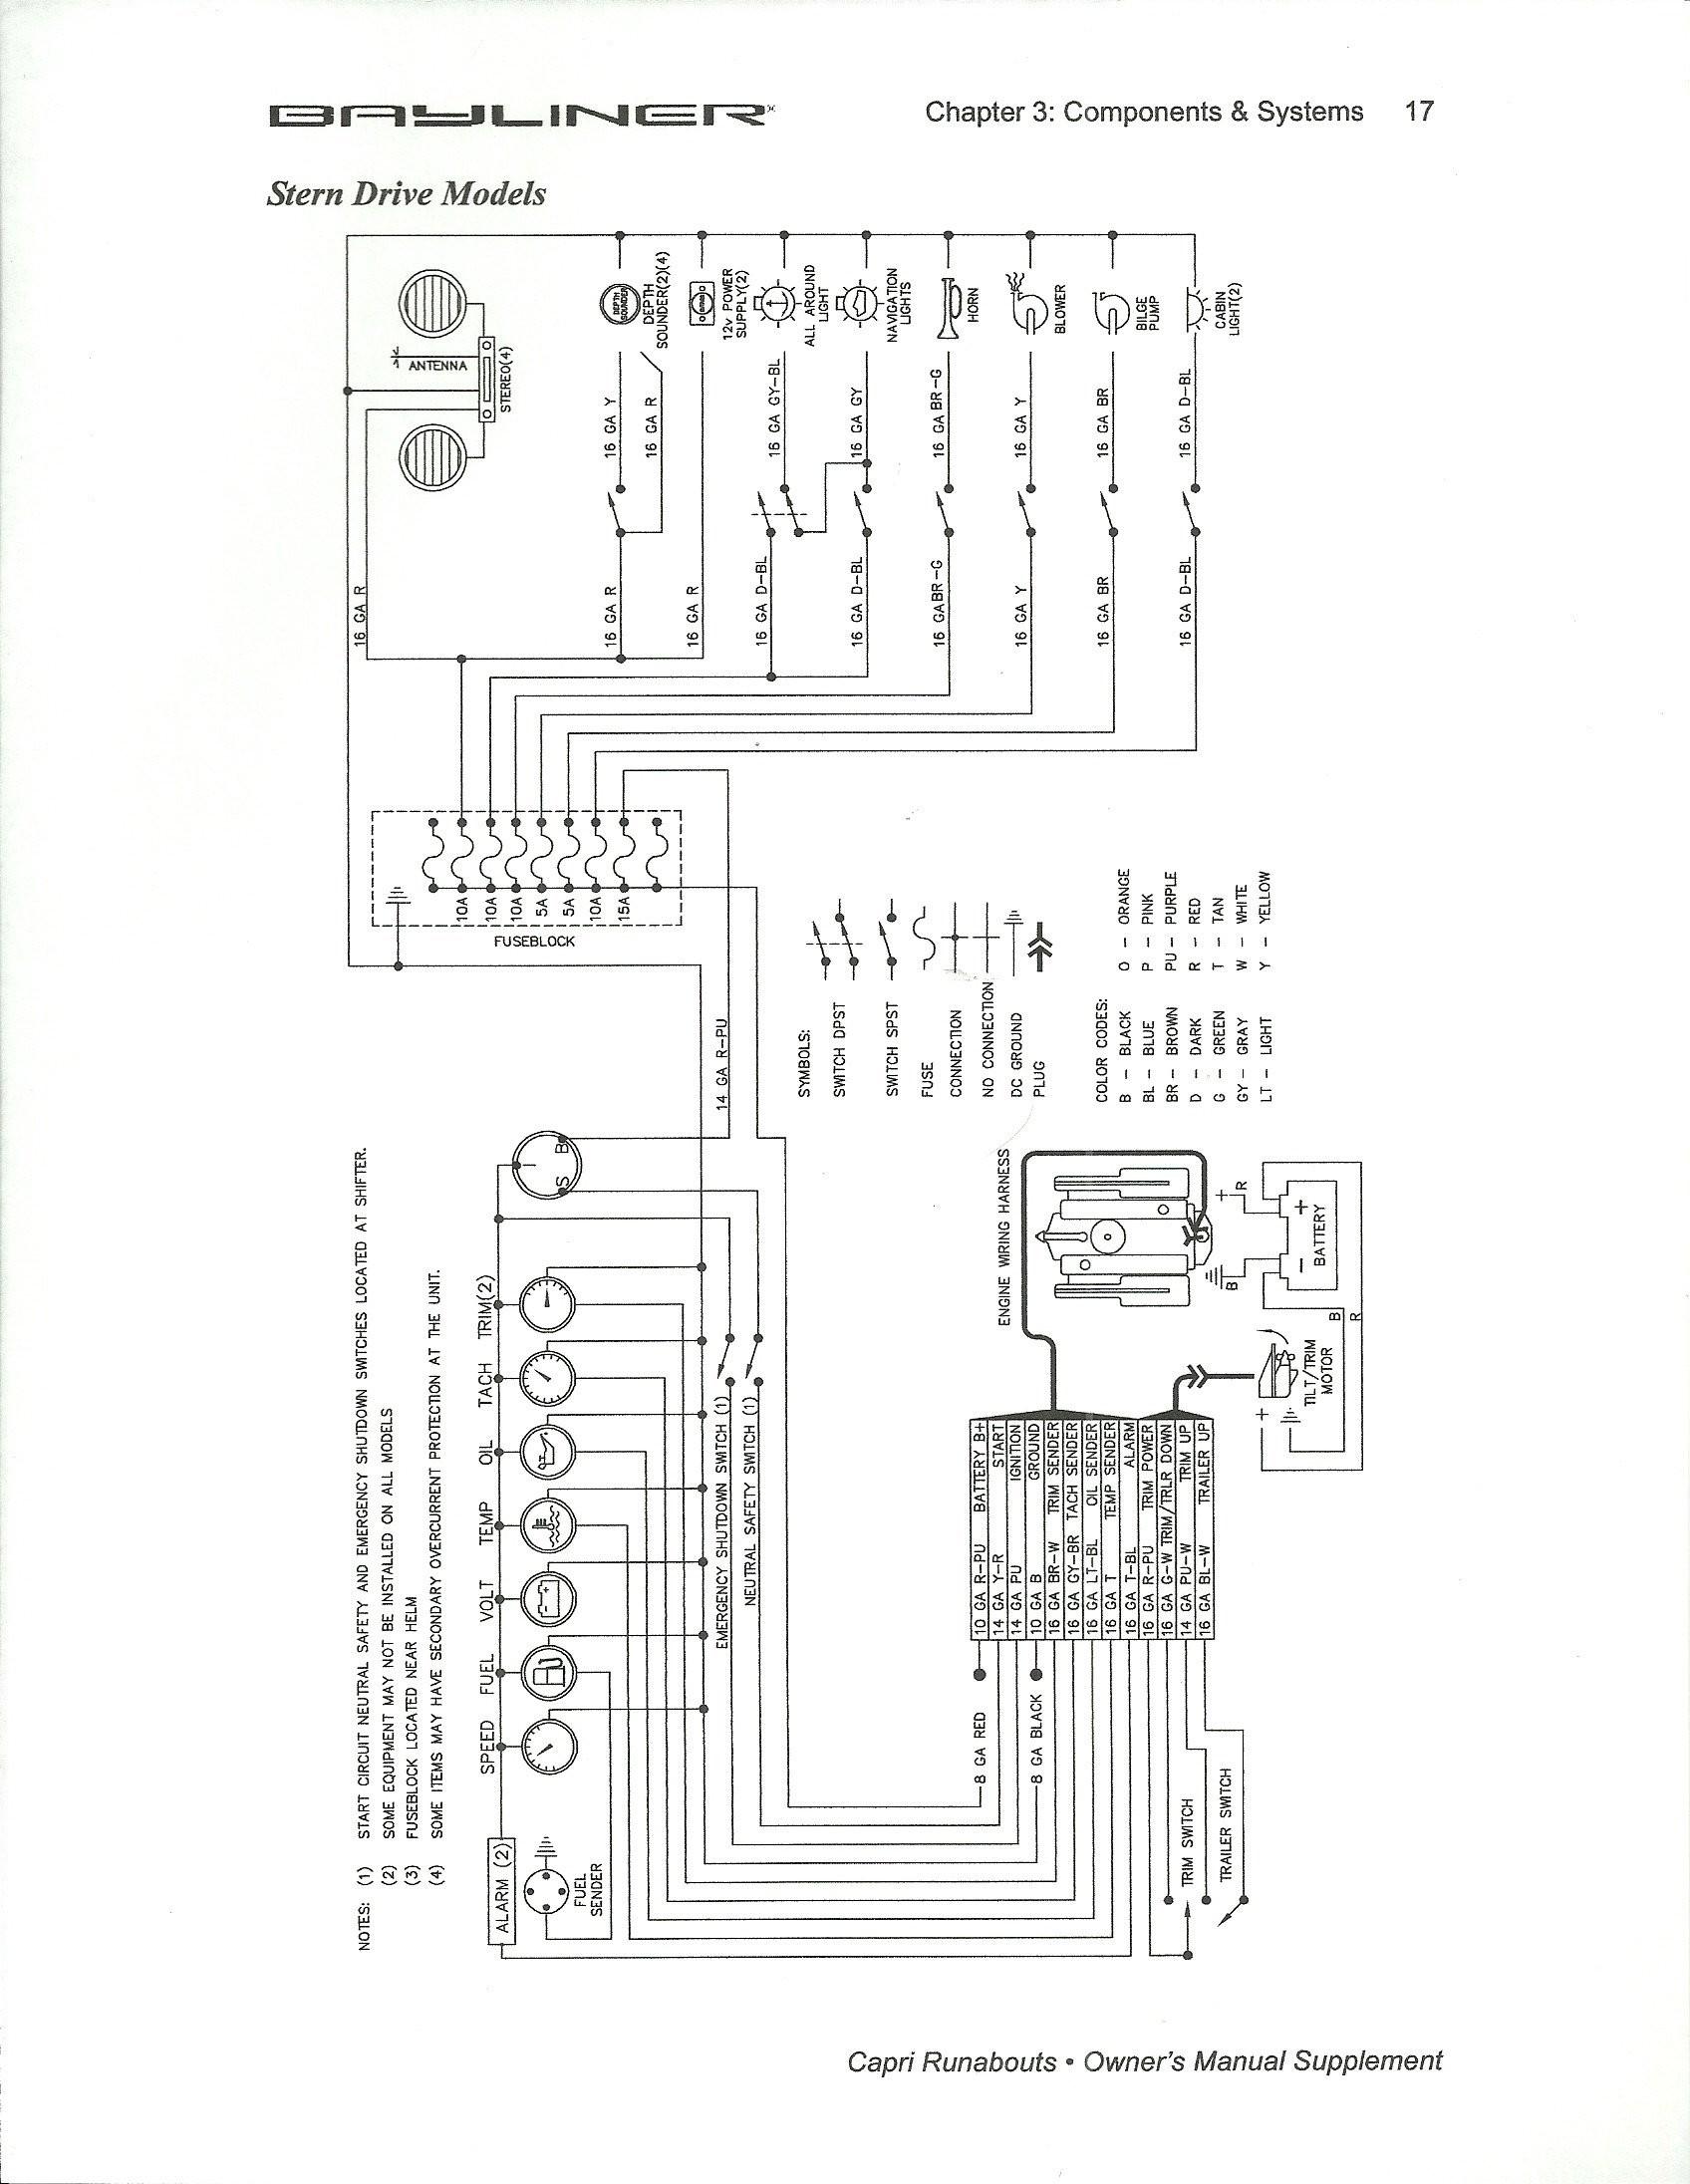 [SCHEMATICS_49CH]  TS_4230] 1997 Bayliner Capri Wiring Diagram Download Diagram   1985 Bayliner Tachometer Wiring      Isra Mopar Gho Eatte Mepta Mohammedshrine Librar Wiring 101